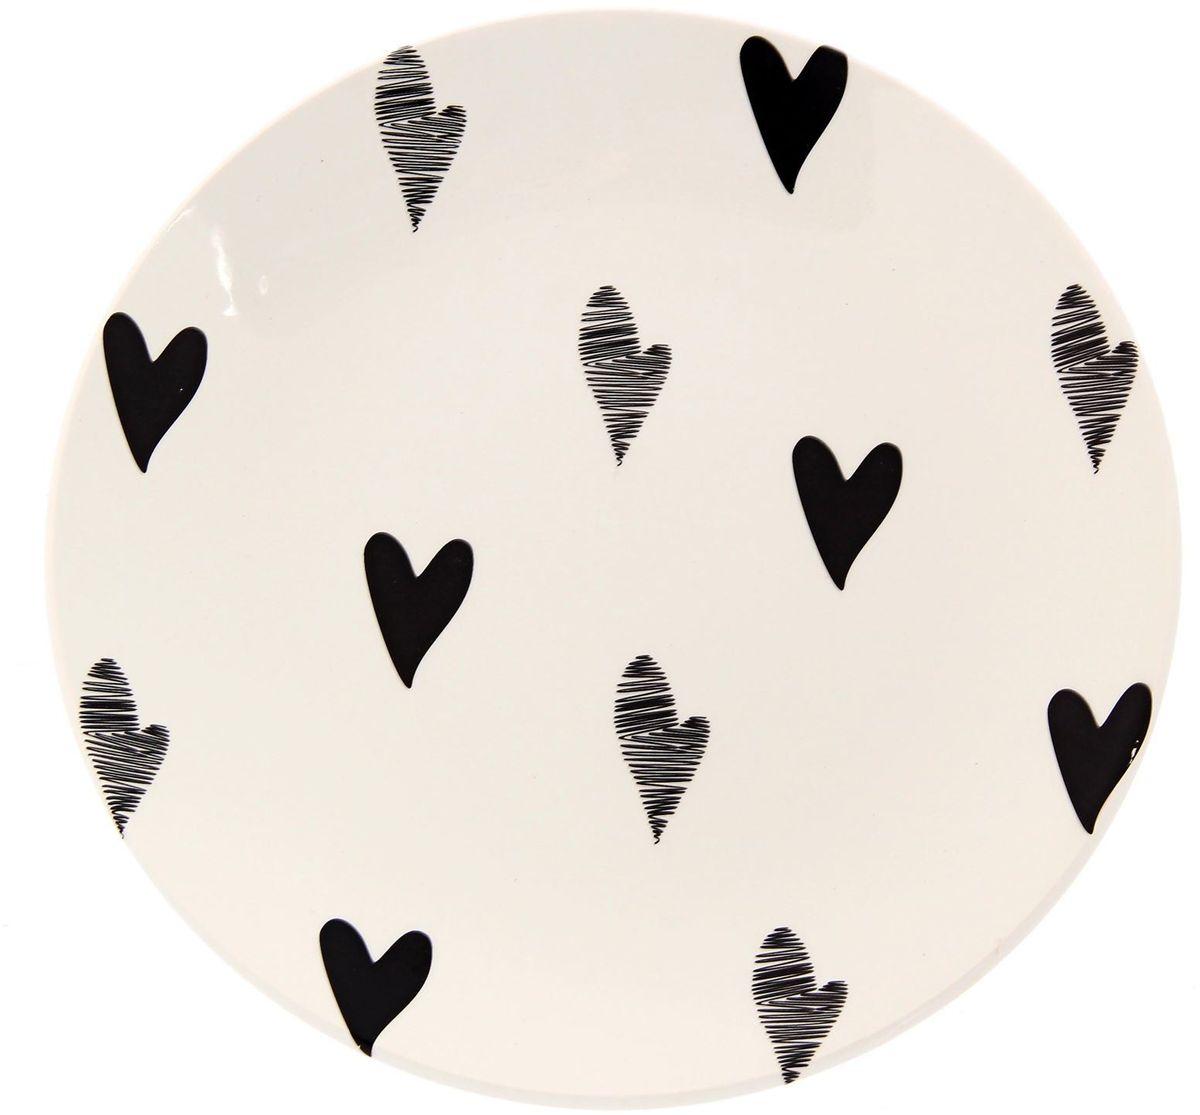 Тарелка Сотвори чудо Маленькое сердце, диаметр 22 см2277891Хотите обновить интерьер кухни или гостиной? Устраиваете необычную фотосессию или тематический праздник? А может, просто ищете подарок для близкого человека? Посуда Сотвори Чудо — правильный выбор в любой ситуации. Тарелка Сотвори Чудо, изготовленная из изящного фаянса нежного сливочного цвета, оформлена оригинальным рисунком со стойкой краской. Пригодна для посудомоечной машины.